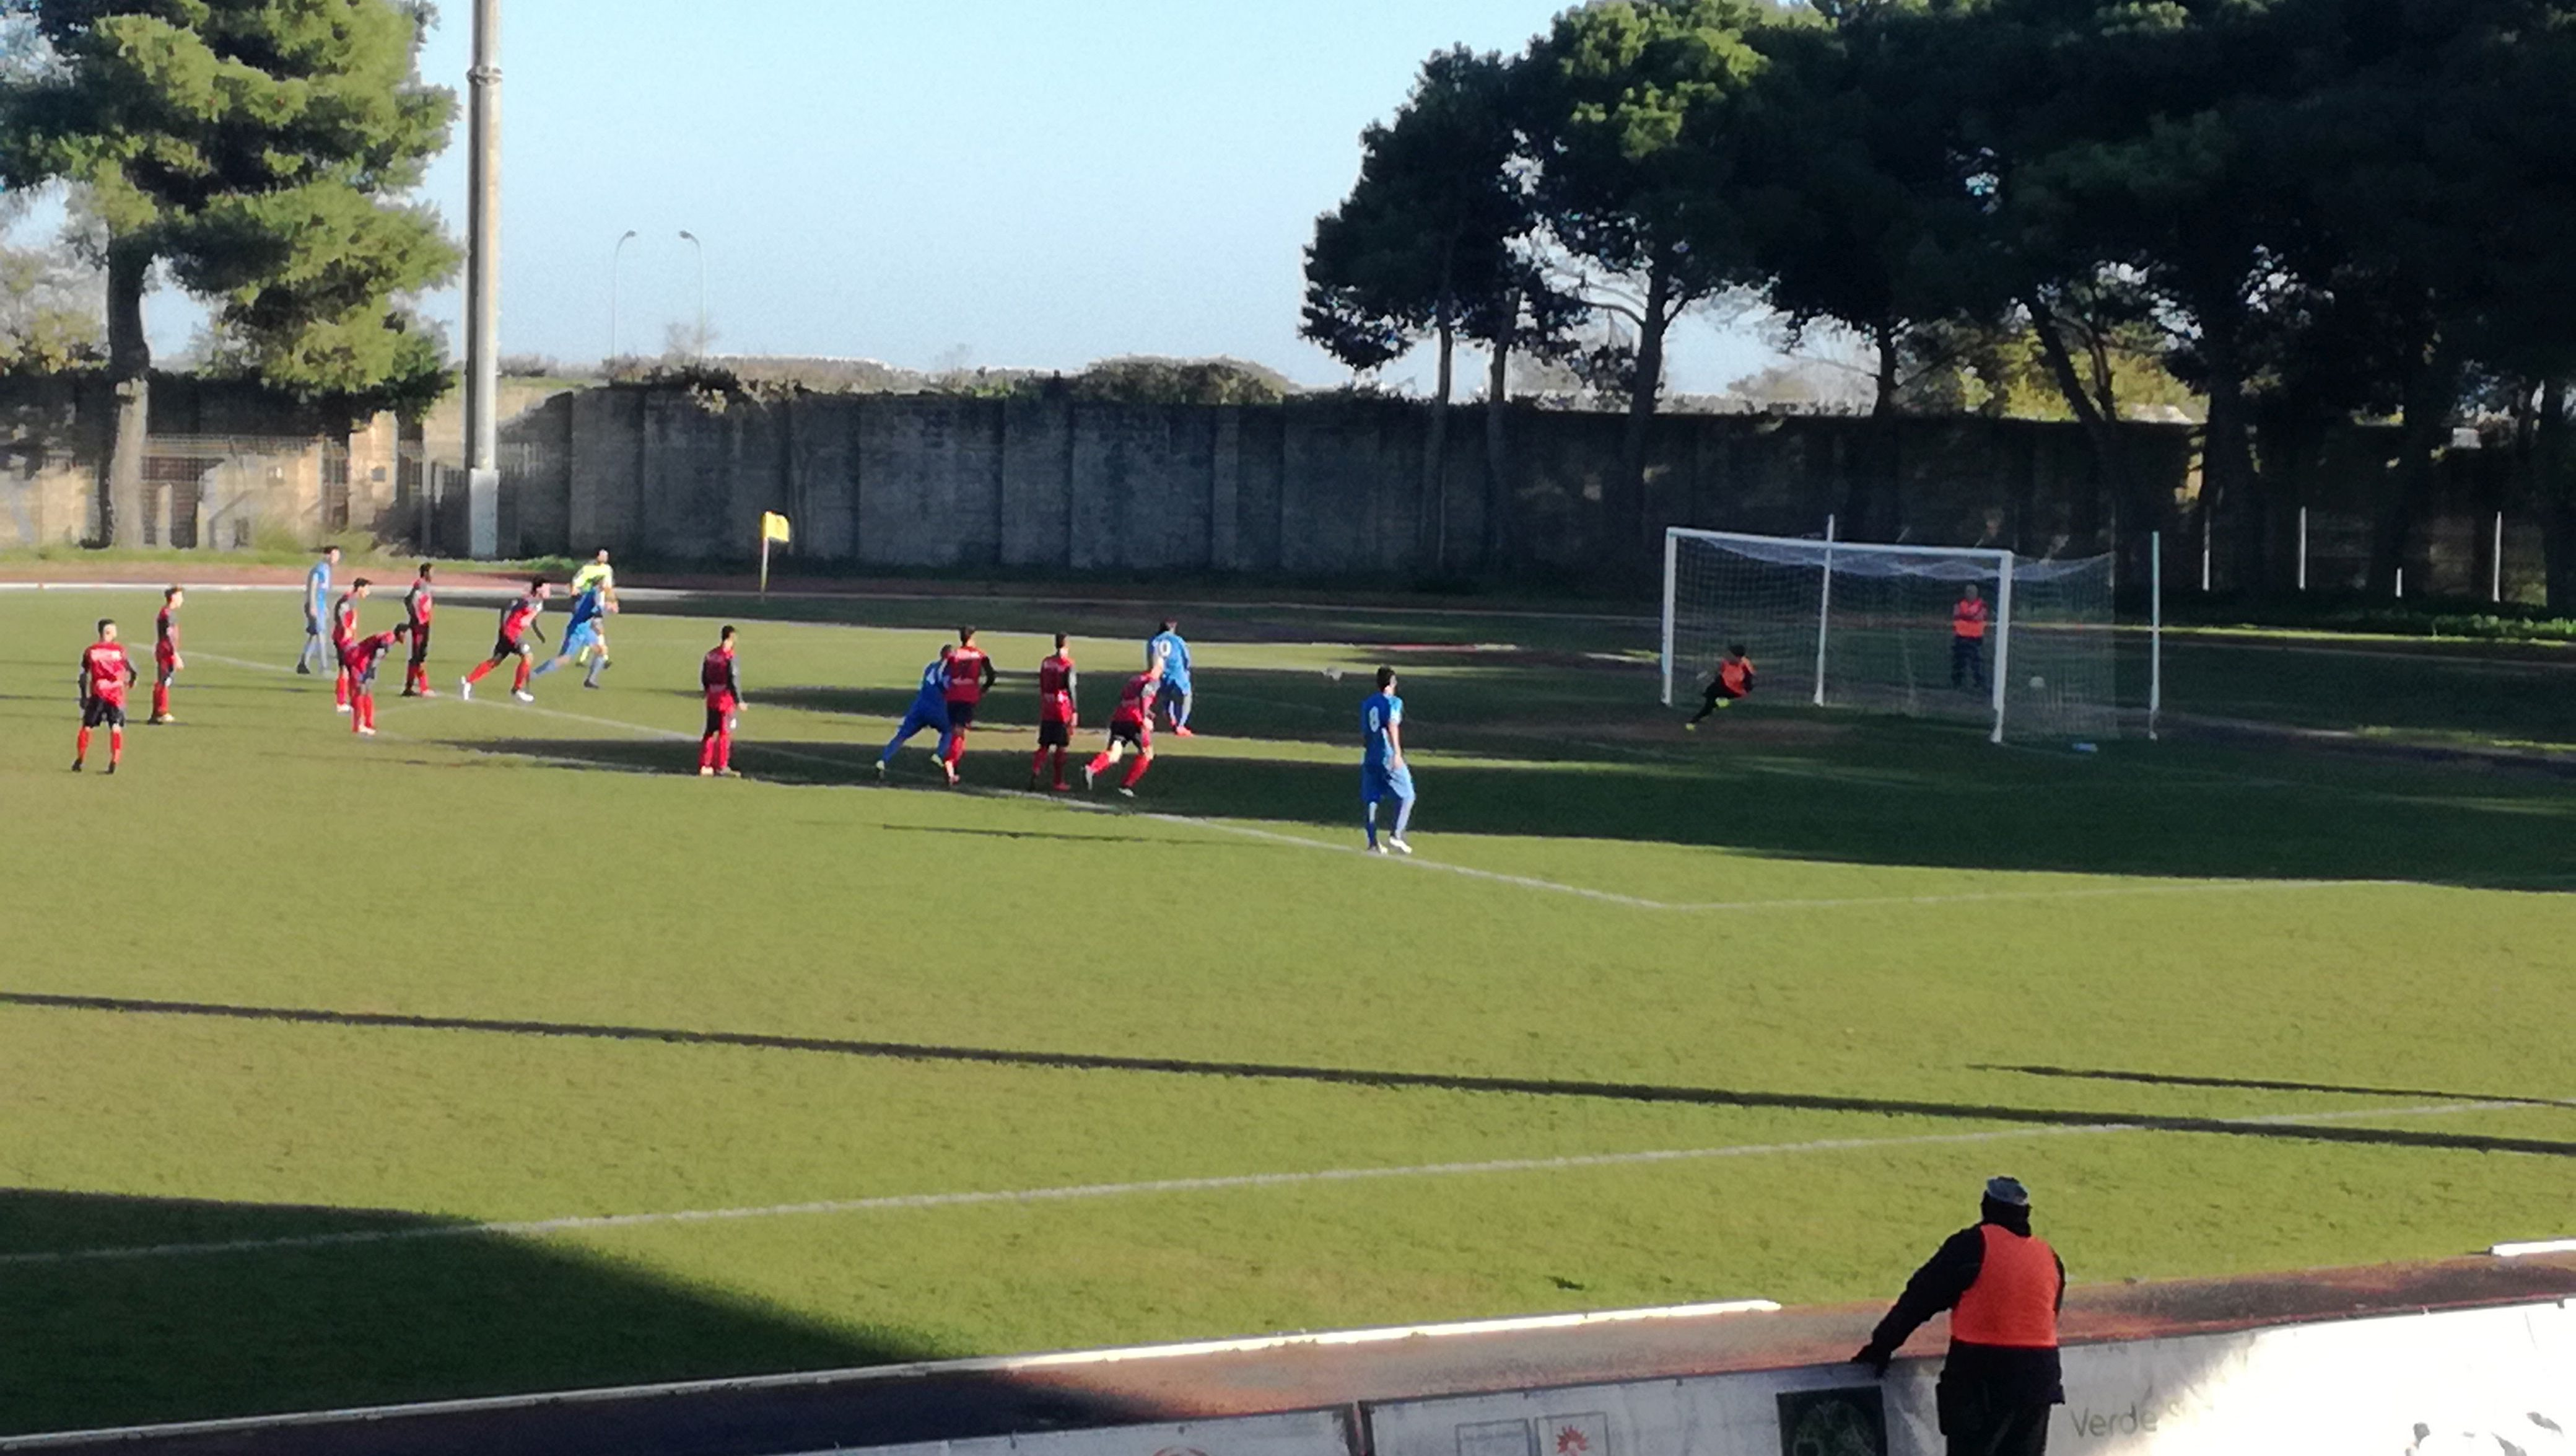 Calcio, Eccellenza: Leone illude il Santa Croce, il Marina rimonta e vince (3-1)